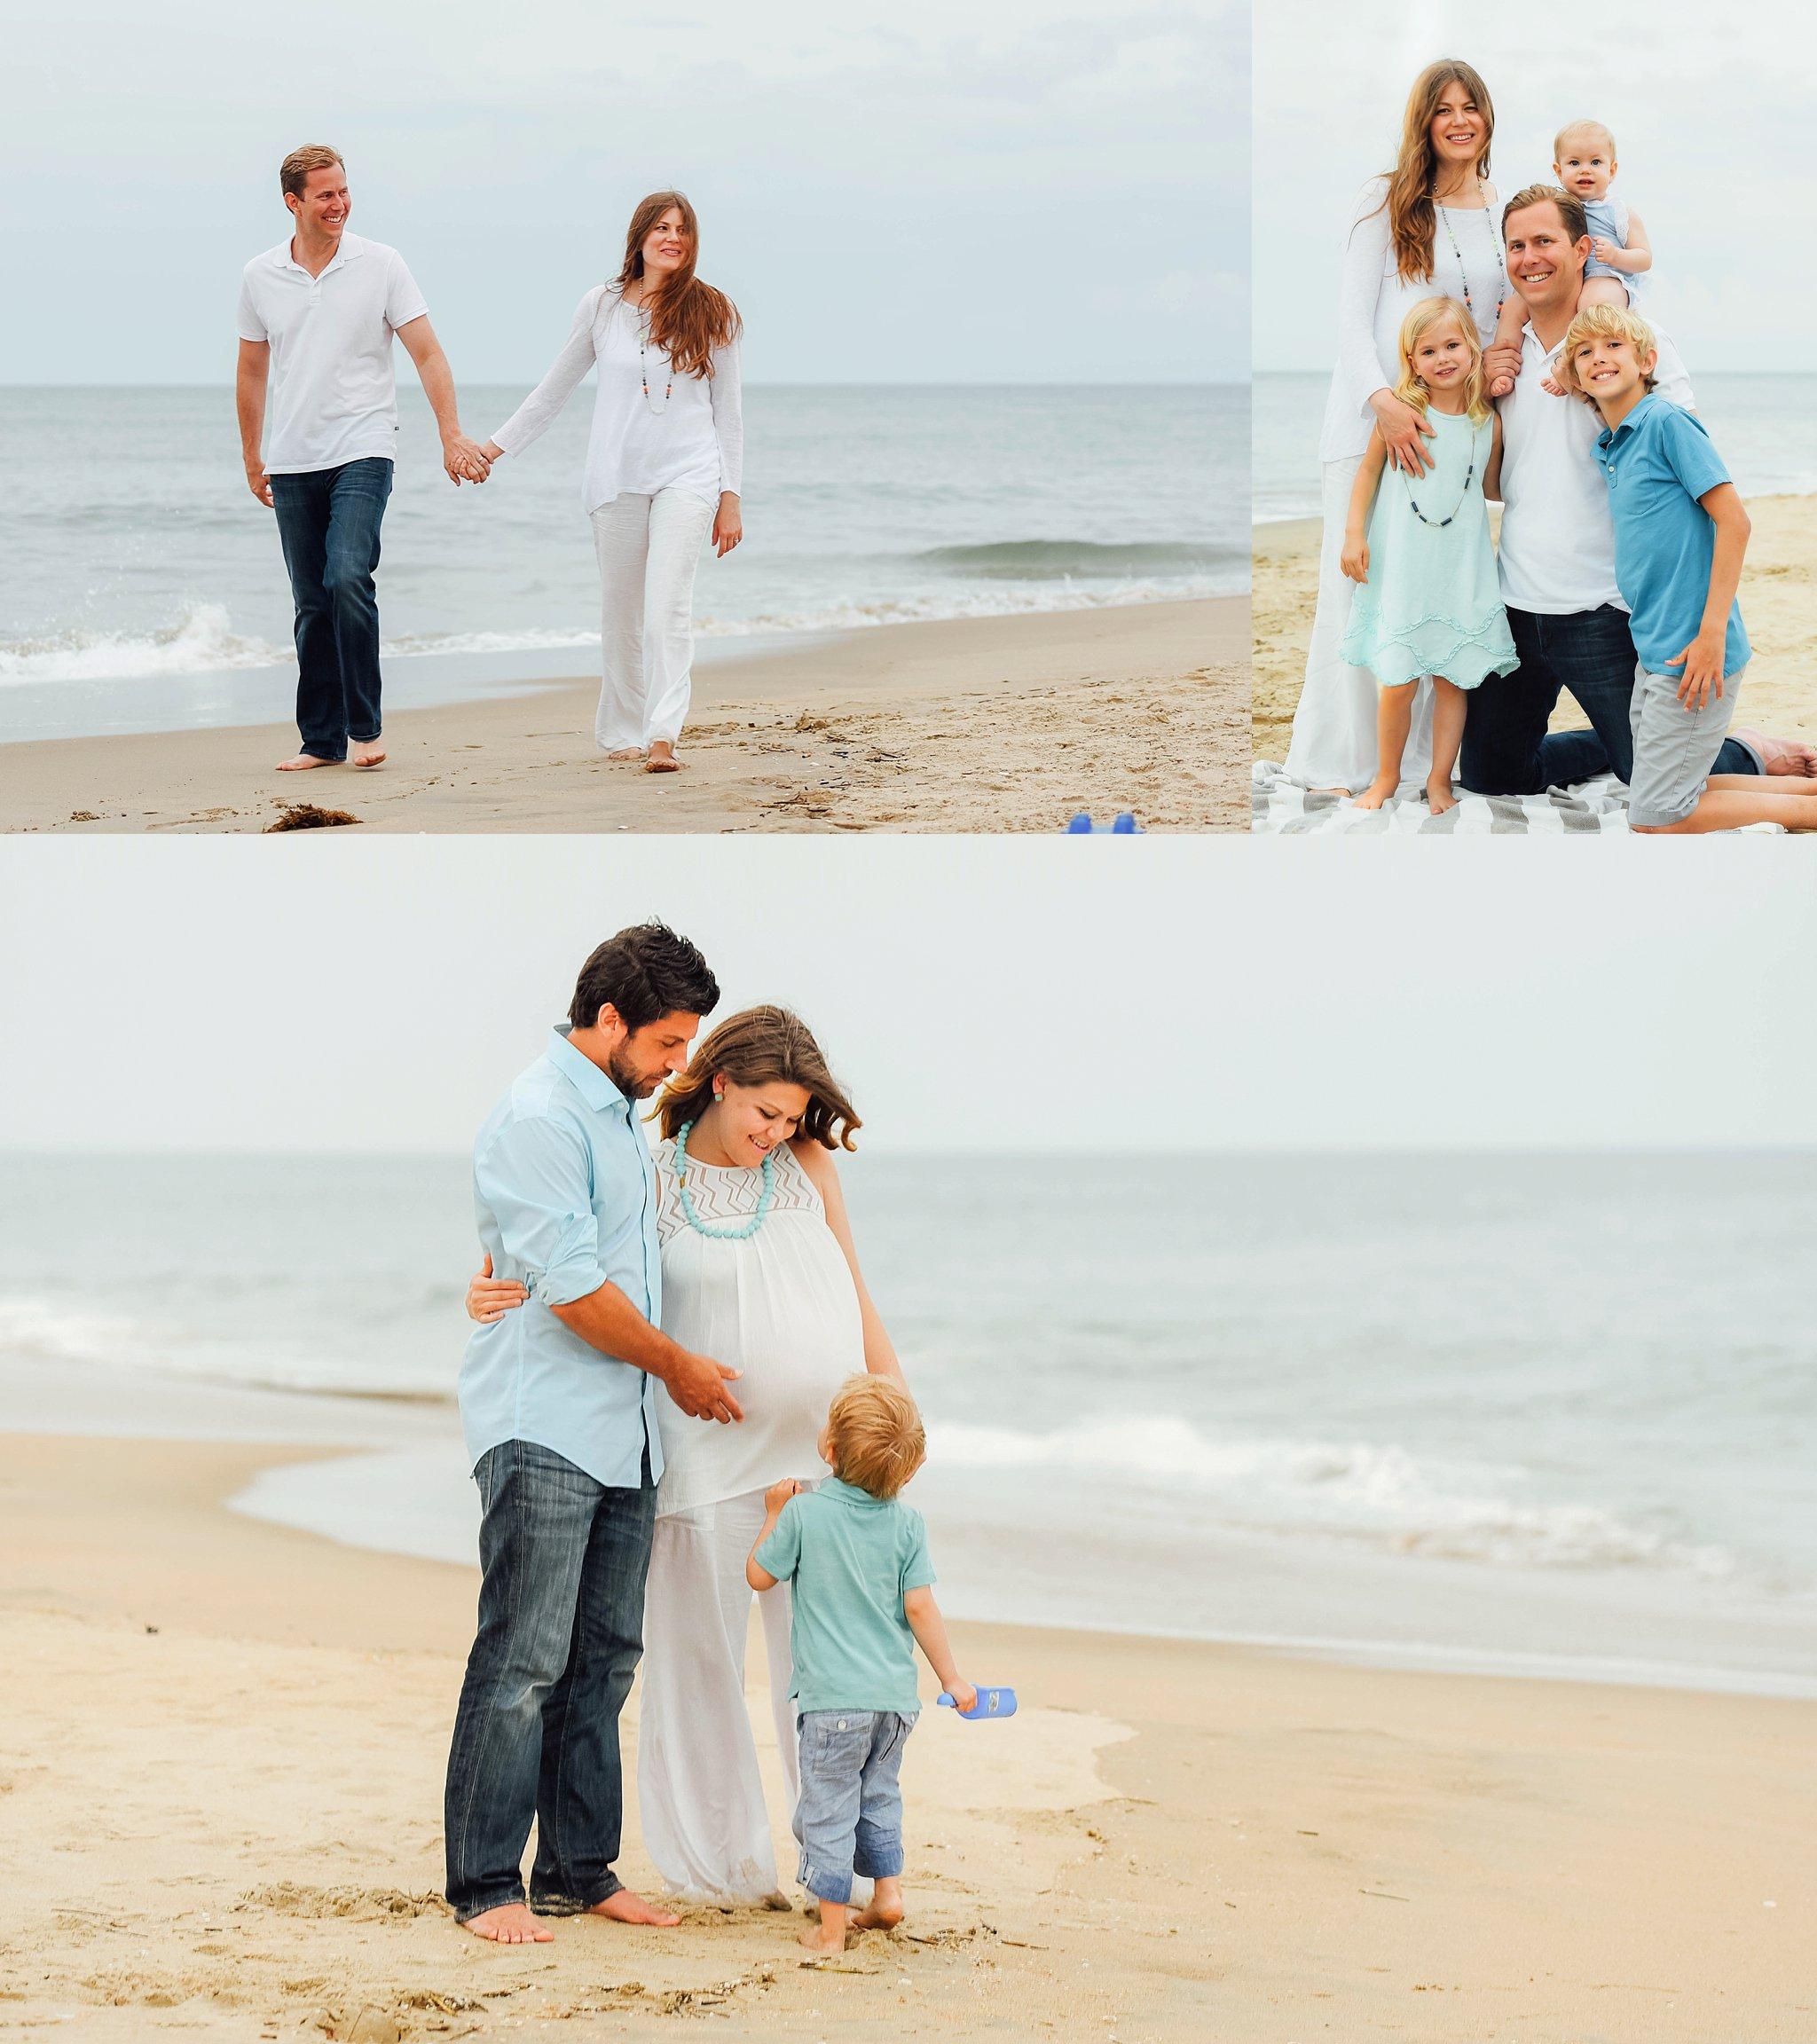 virginia-beach-photographers-melissa-bliss-photography-family-session-at-sandbridge-beach-5